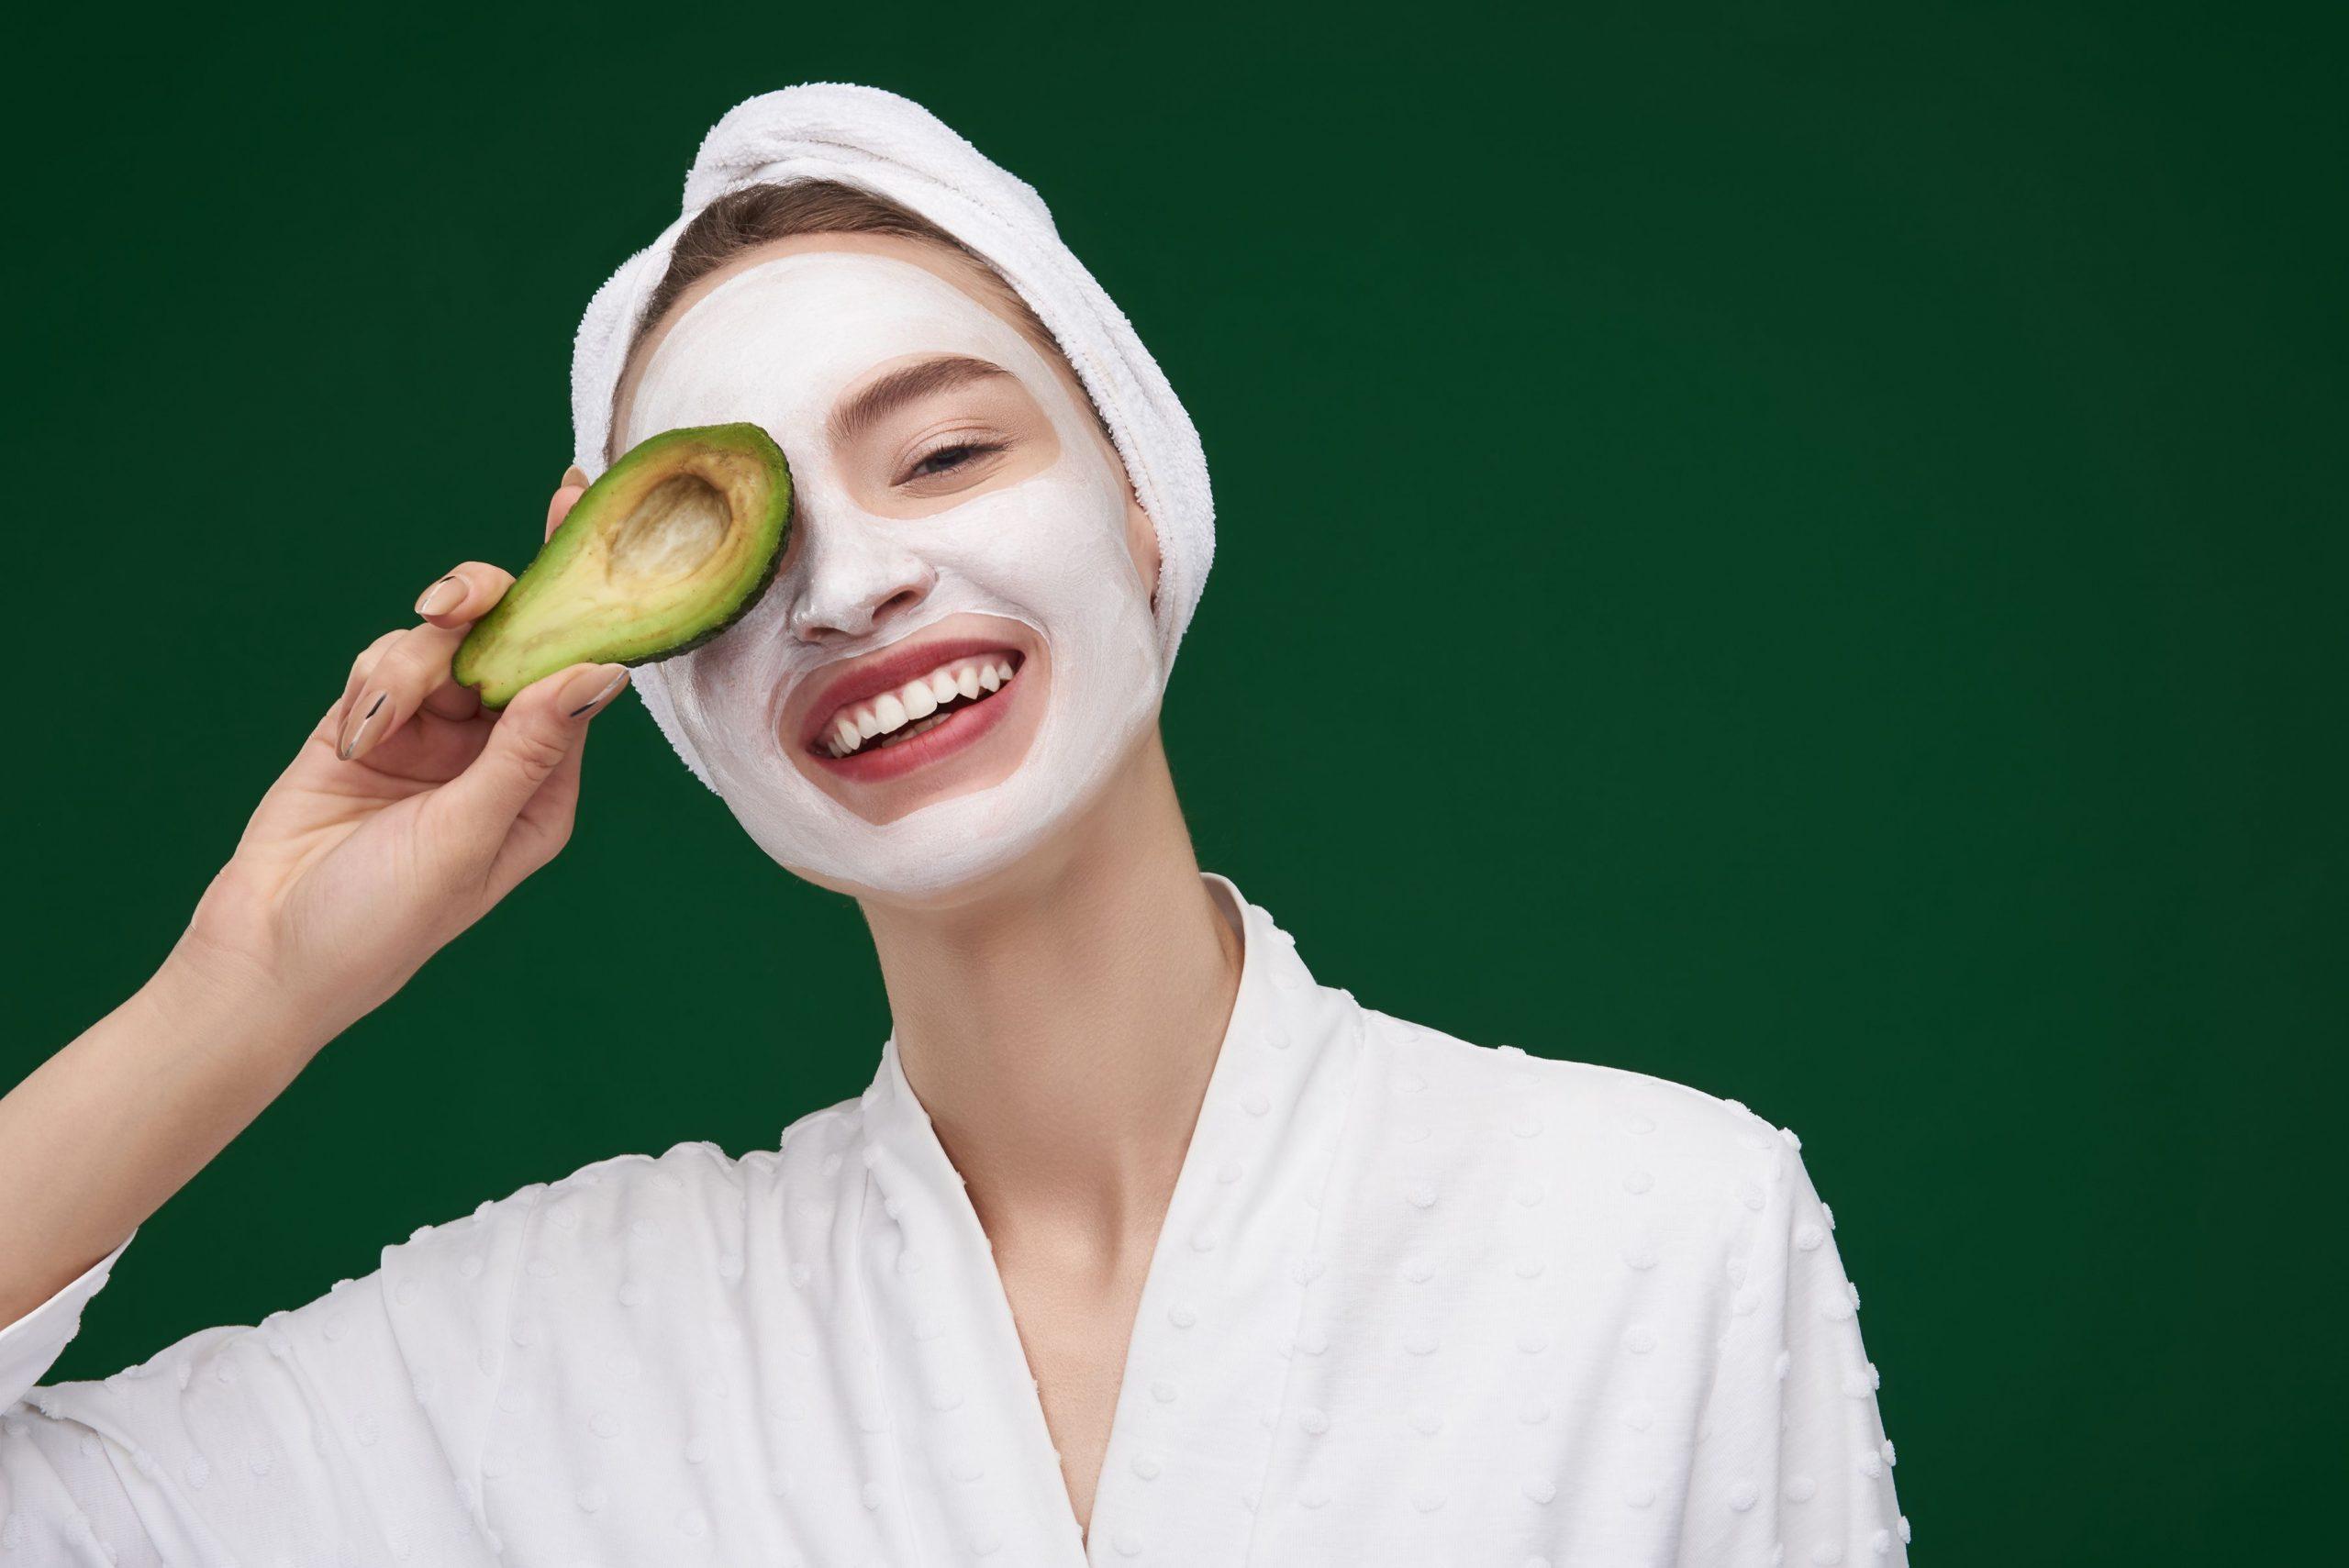 Μάσκα προσώπου: 3 DIY μάσκες προσώπου με φυσικά συστατικά που το δέρμα σου θα λατρέψει [vid]